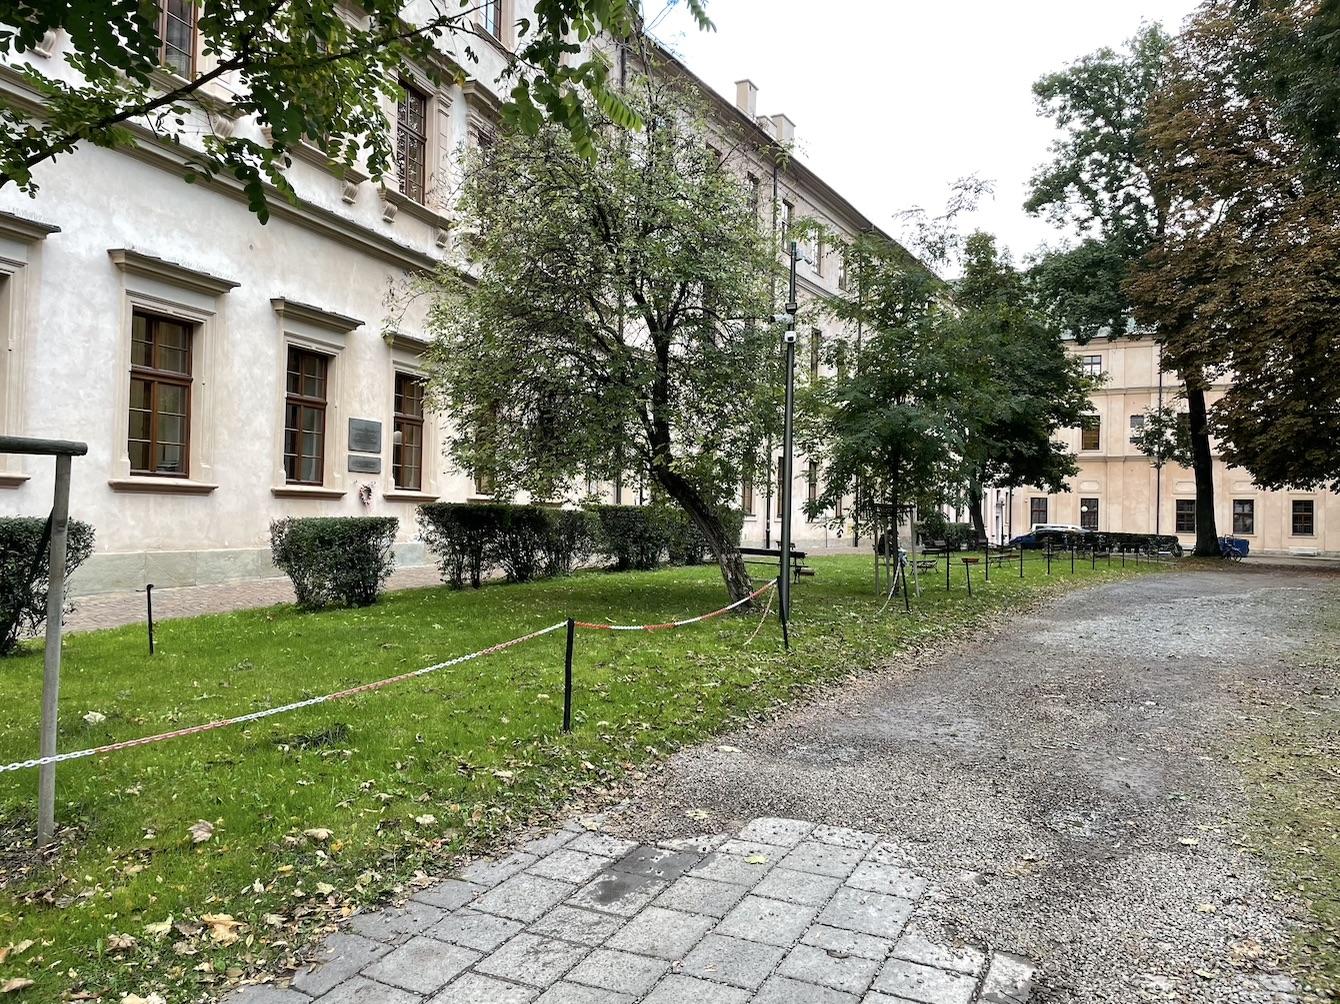 Pomnik ks. Piotra Skargi miałby zostać ustawiony pomiędzy budynkiem UJ a kościołem św. Piotra i Pawła